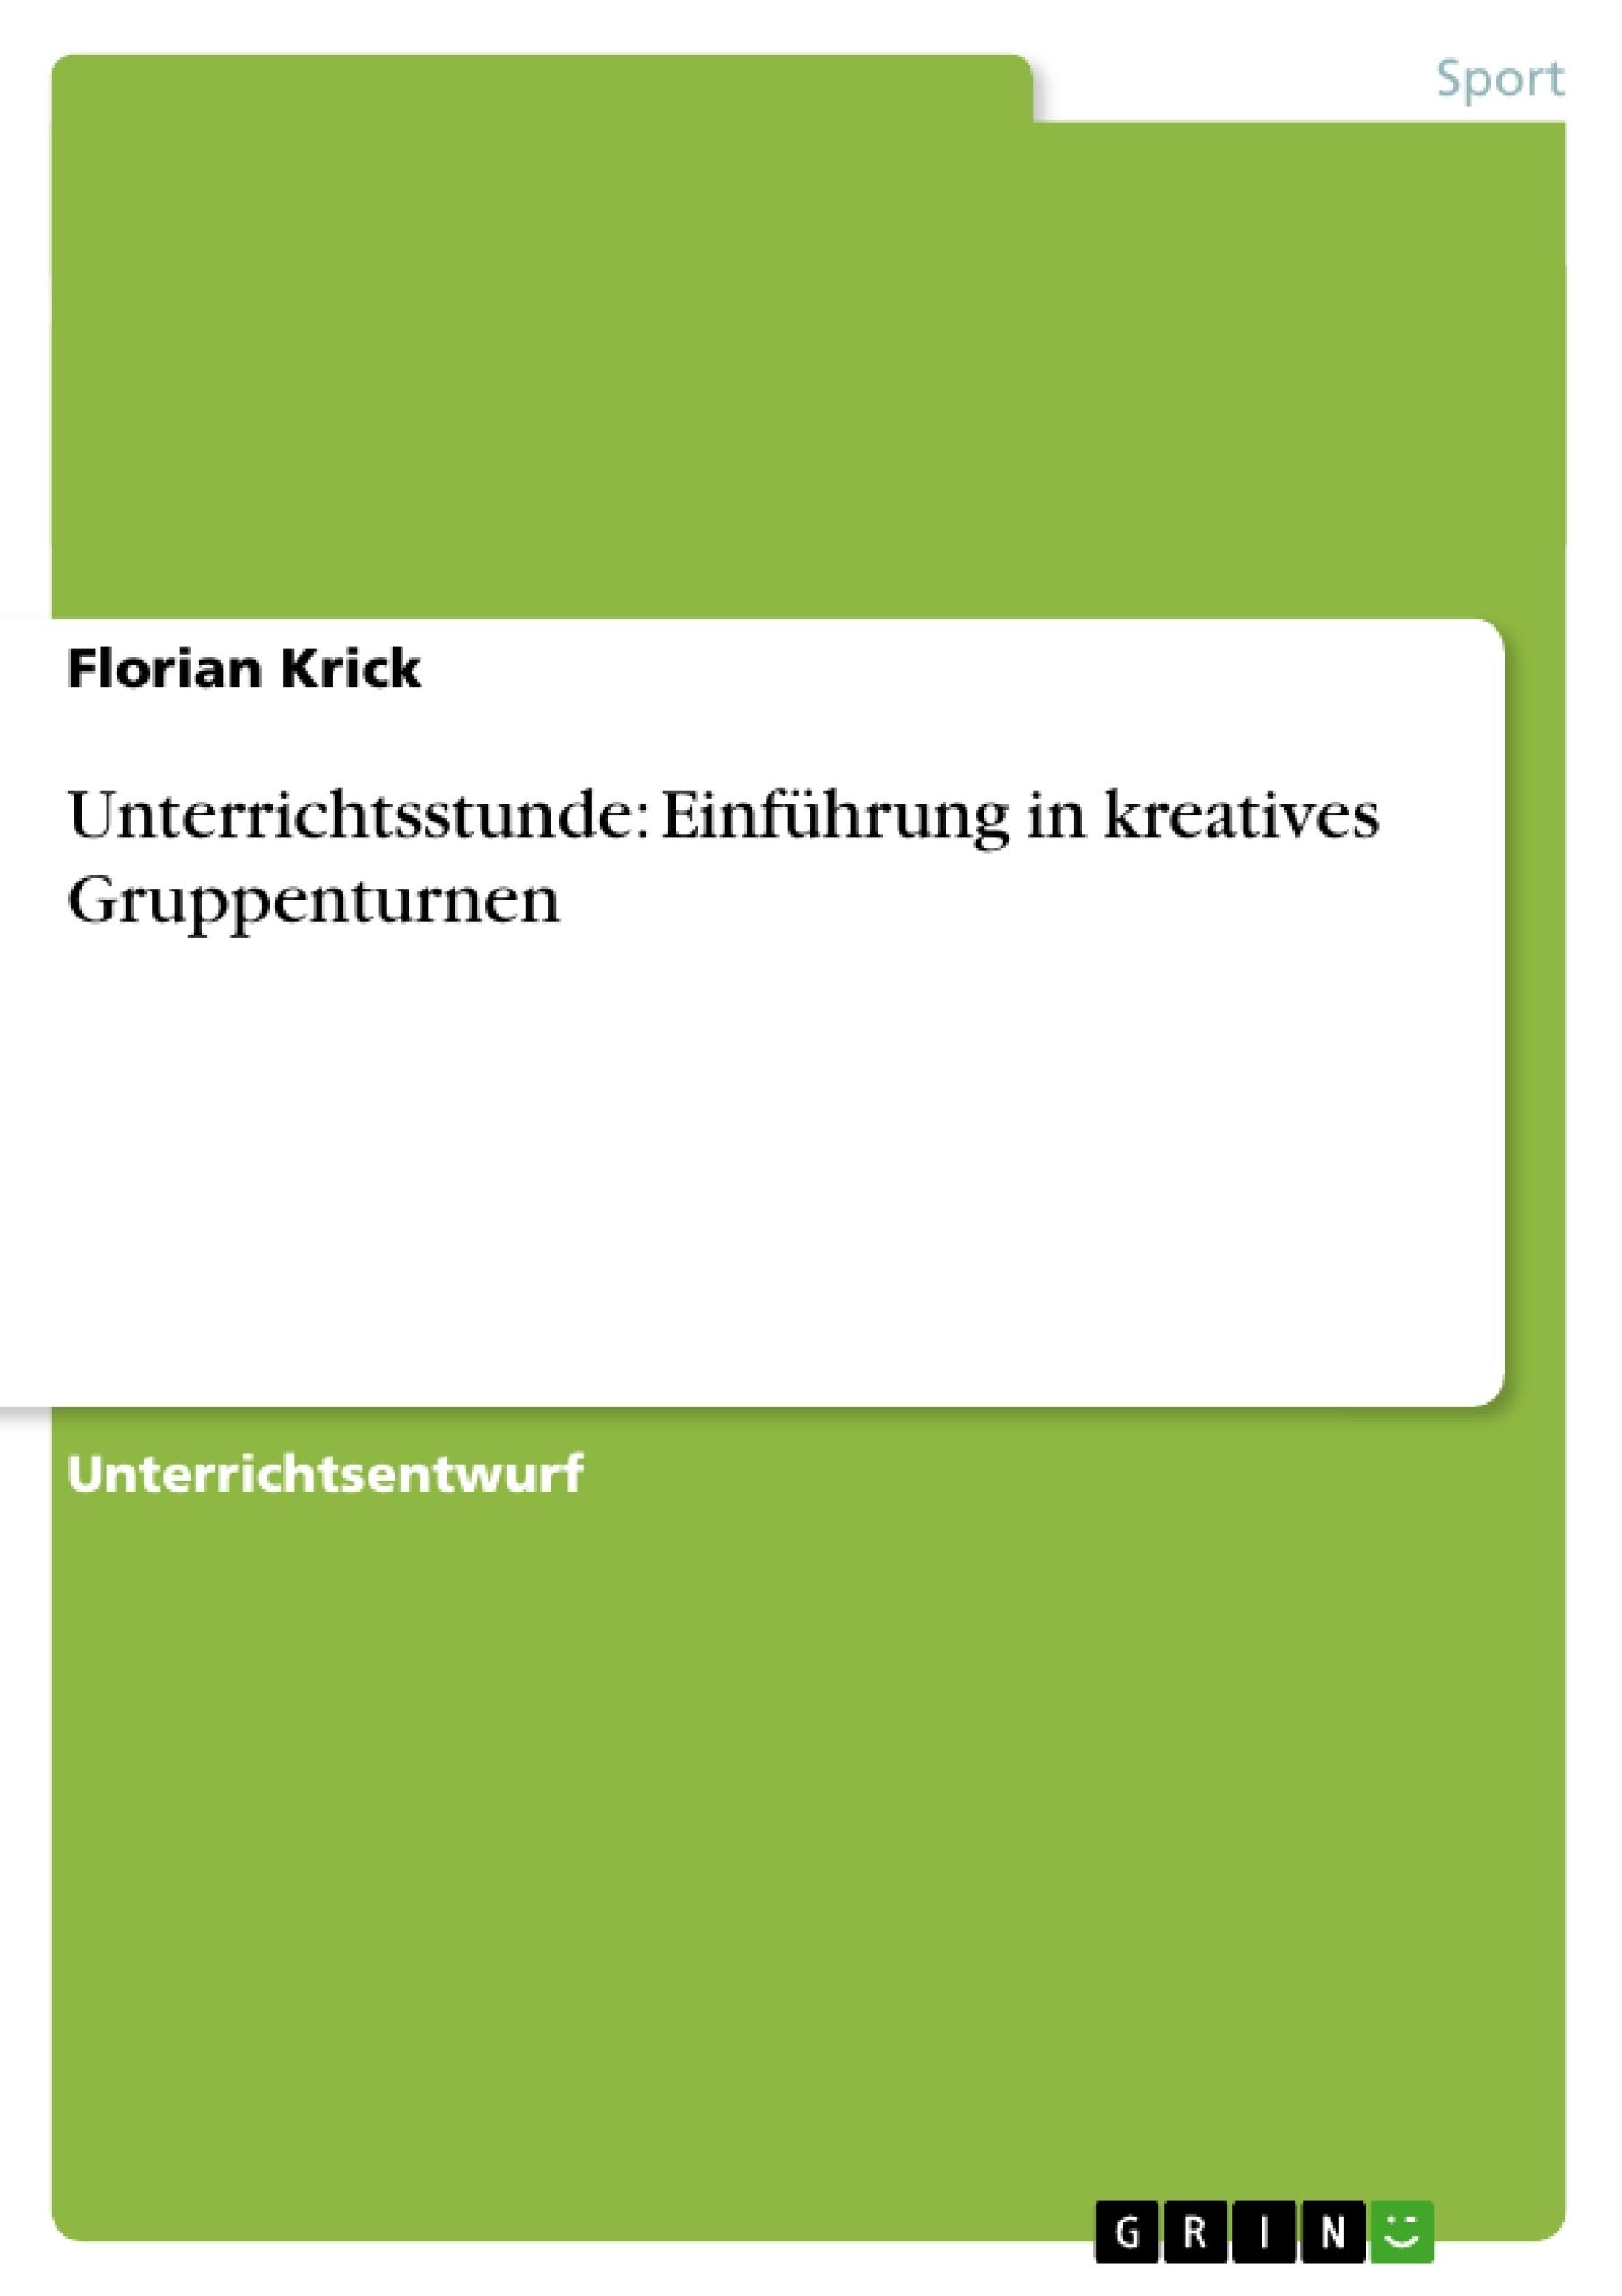 Titel: Unterrichtsstunde: Einführung in kreatives Gruppenturnen